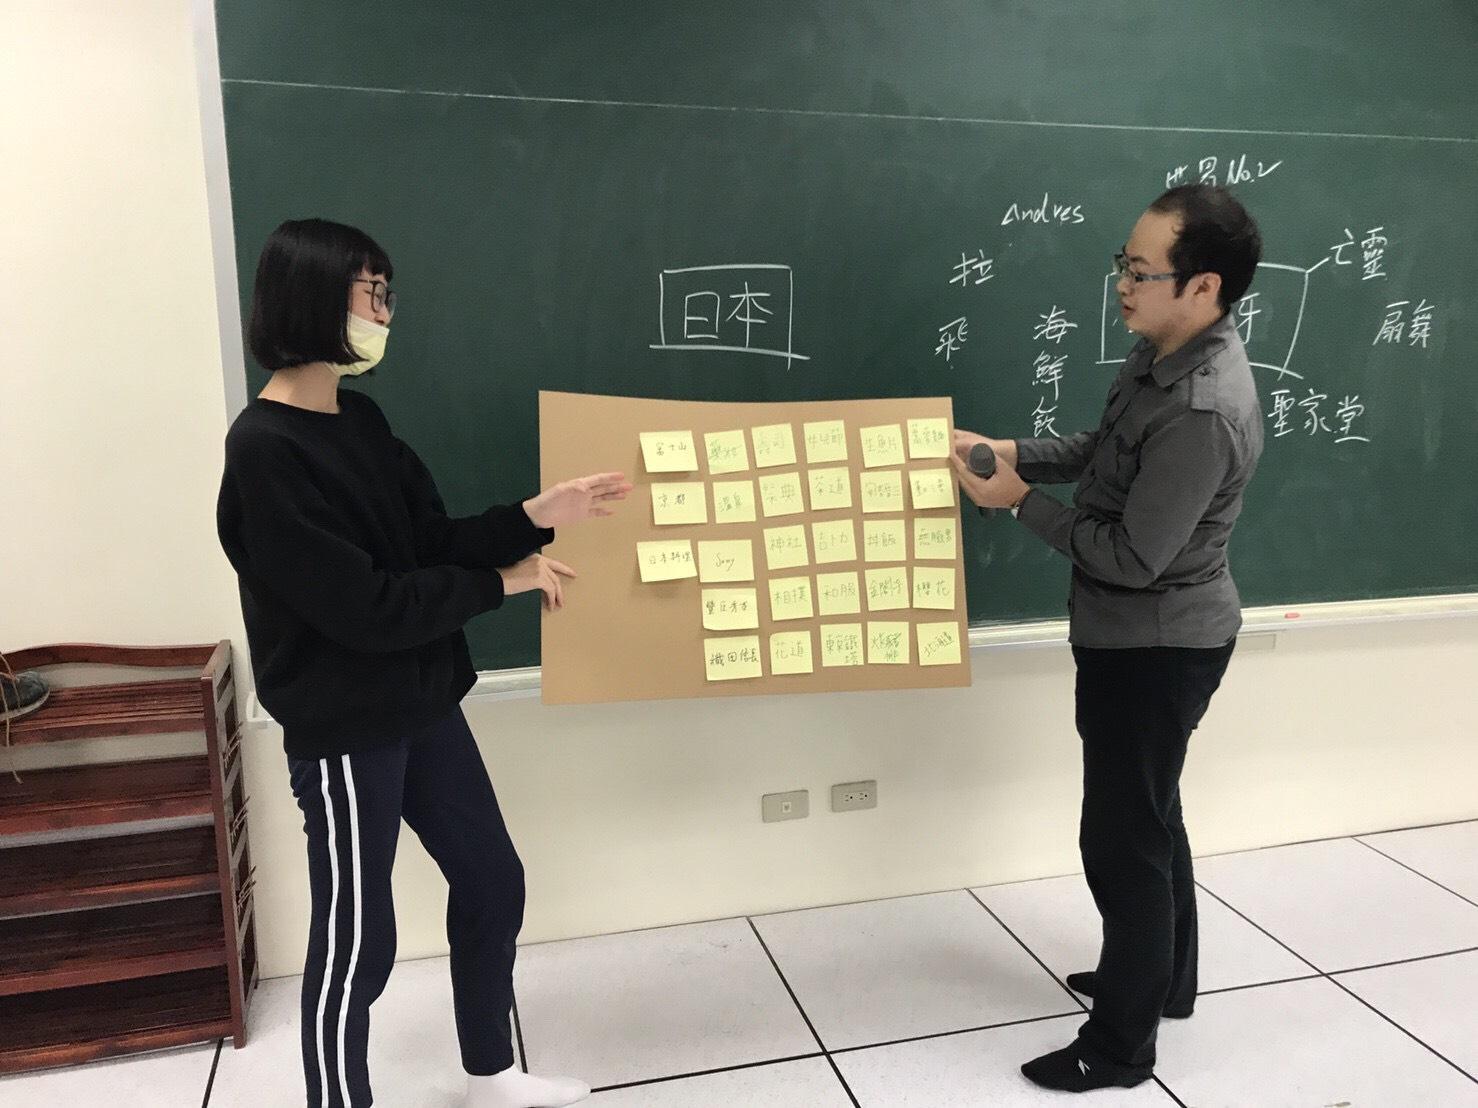 通稿照片-中原企研所學生與大園高中合作的課程發展方向主要結合高中的第二外語特色進行「行銷實作」,引導高中生去了解自己所選讀其他語言的文化特色.jpg